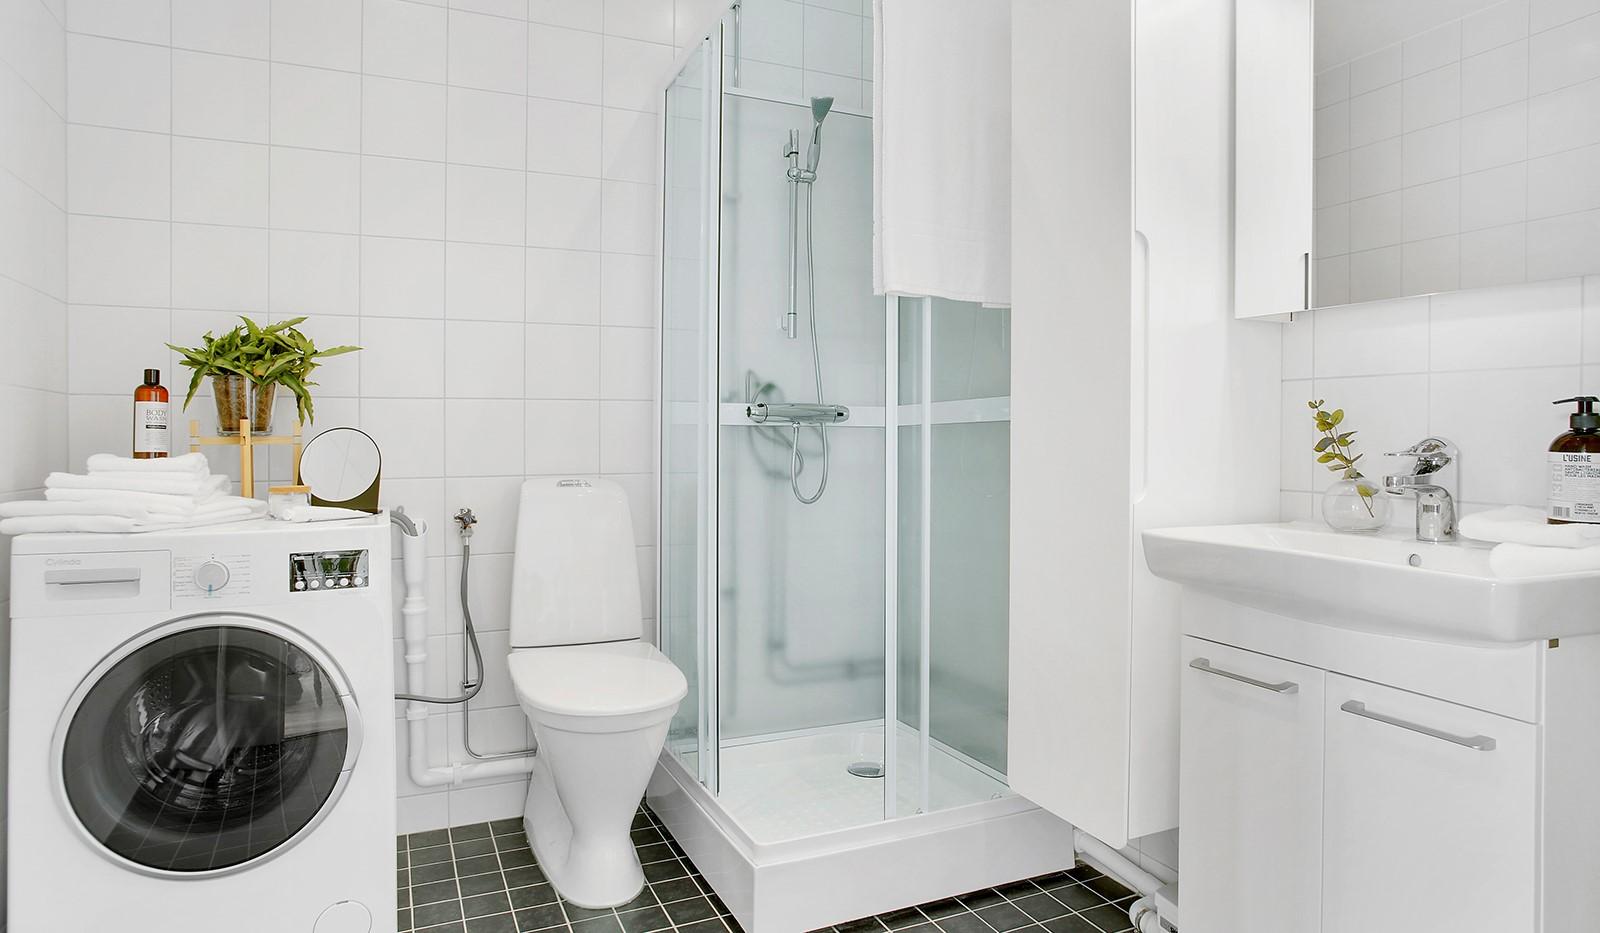 Svandammsvägen 37 - Badrum med dusch och TM